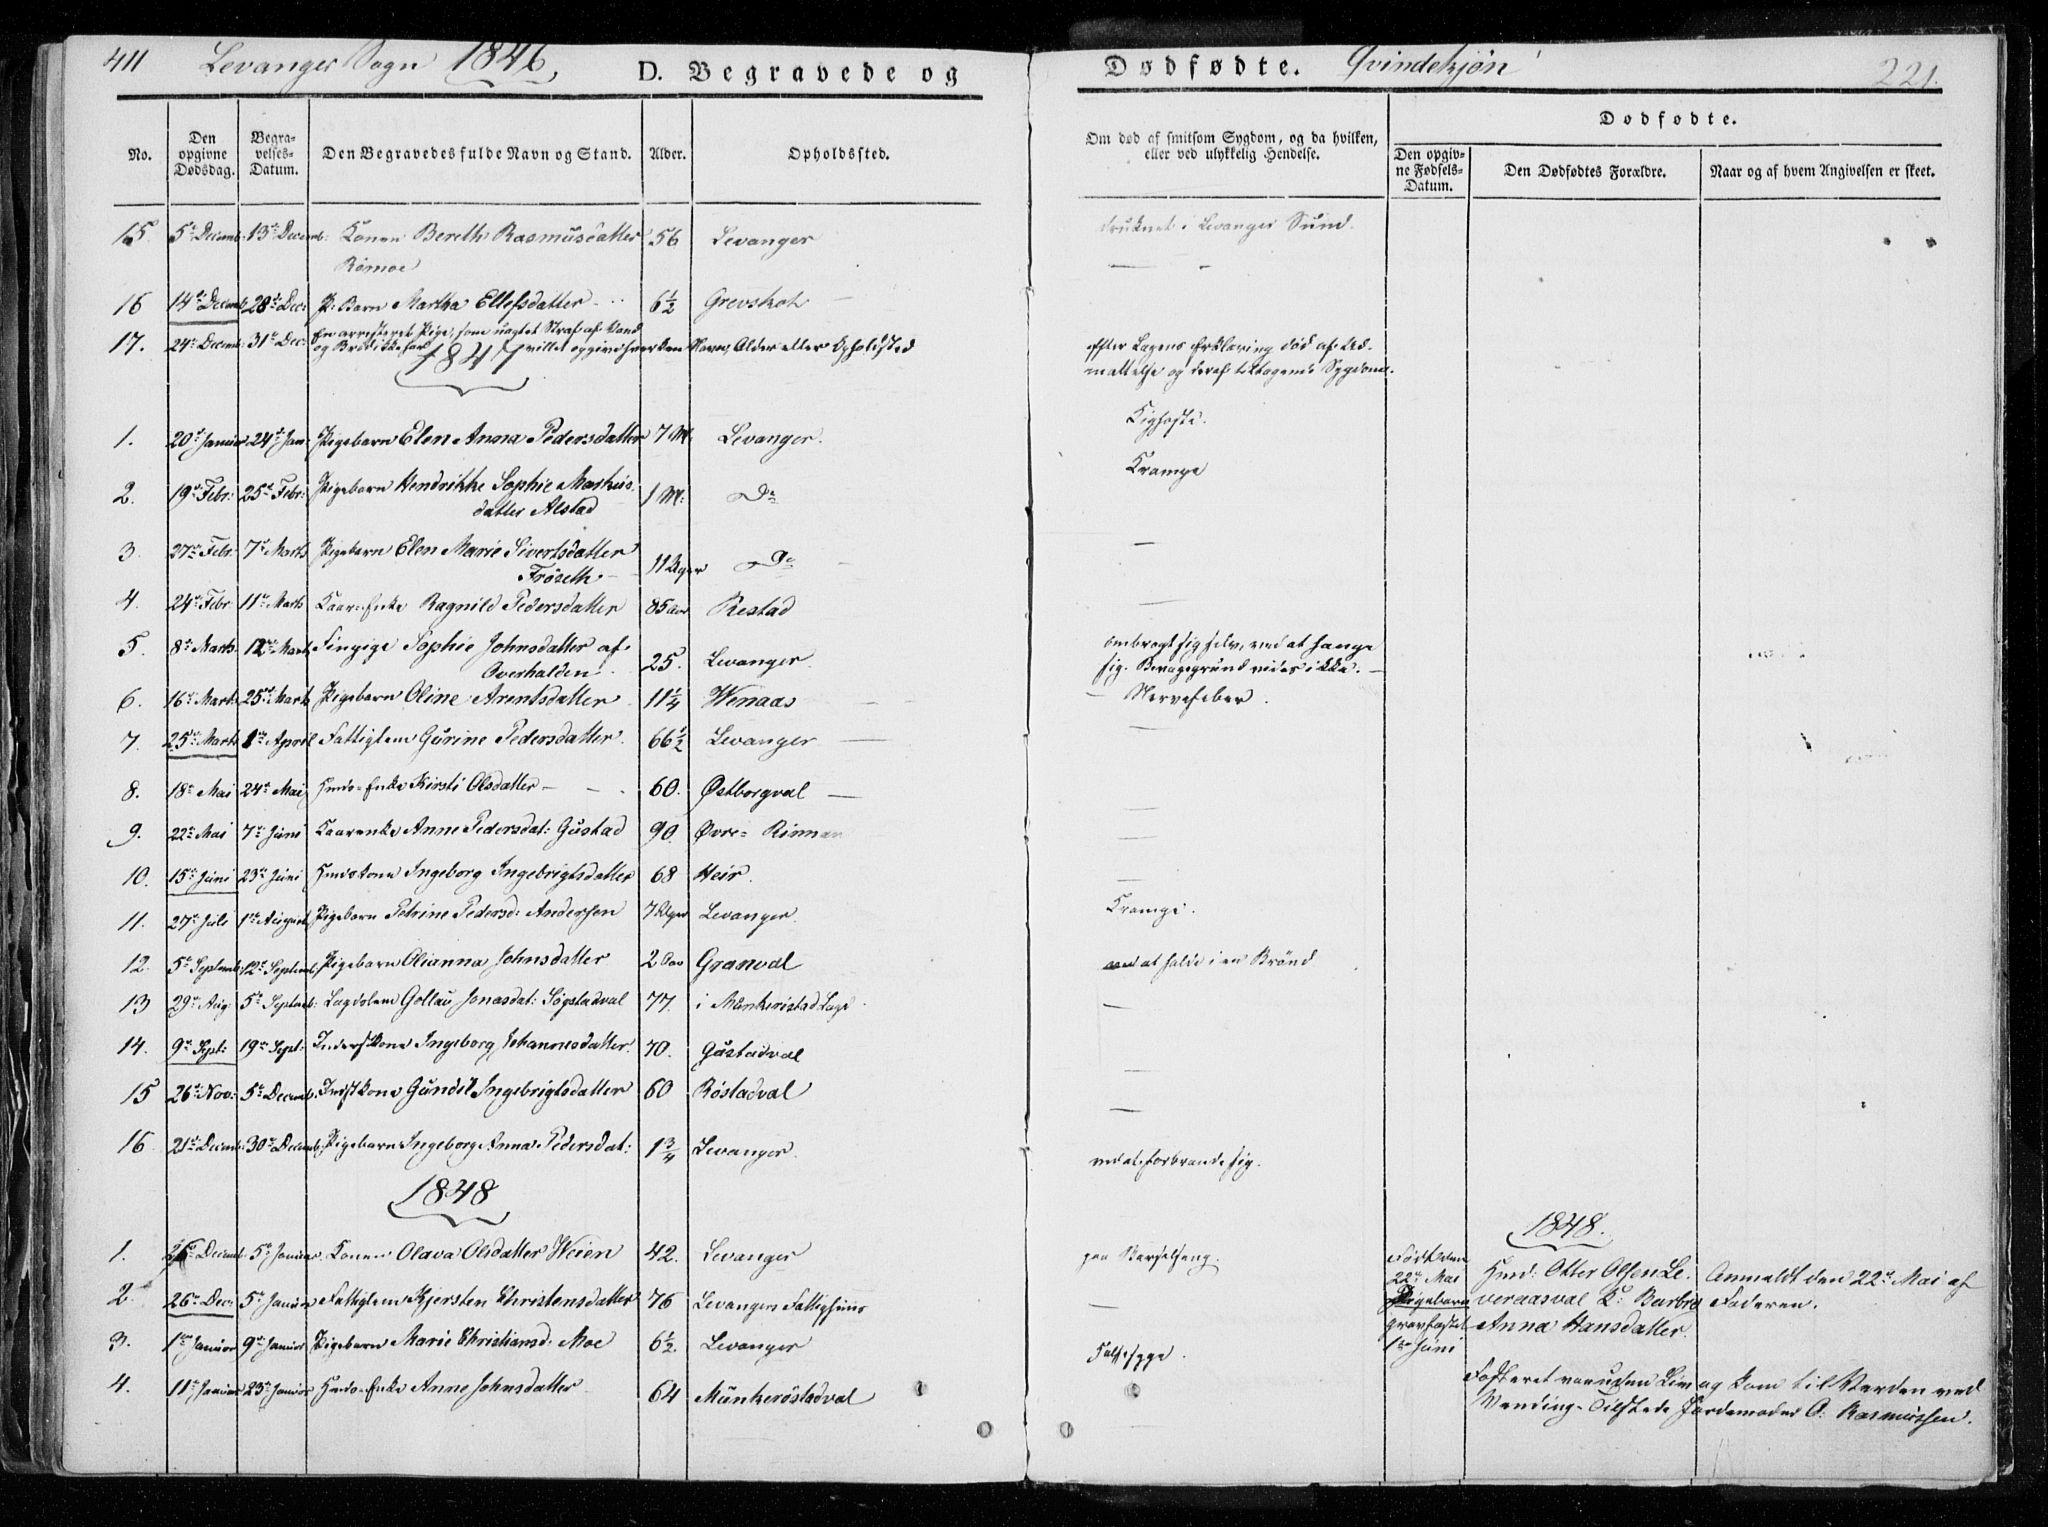 SAT, Ministerialprotokoller, klokkerbøker og fødselsregistre - Nord-Trøndelag, 720/L0183: Ministerialbok nr. 720A01, 1836-1855, s. 221